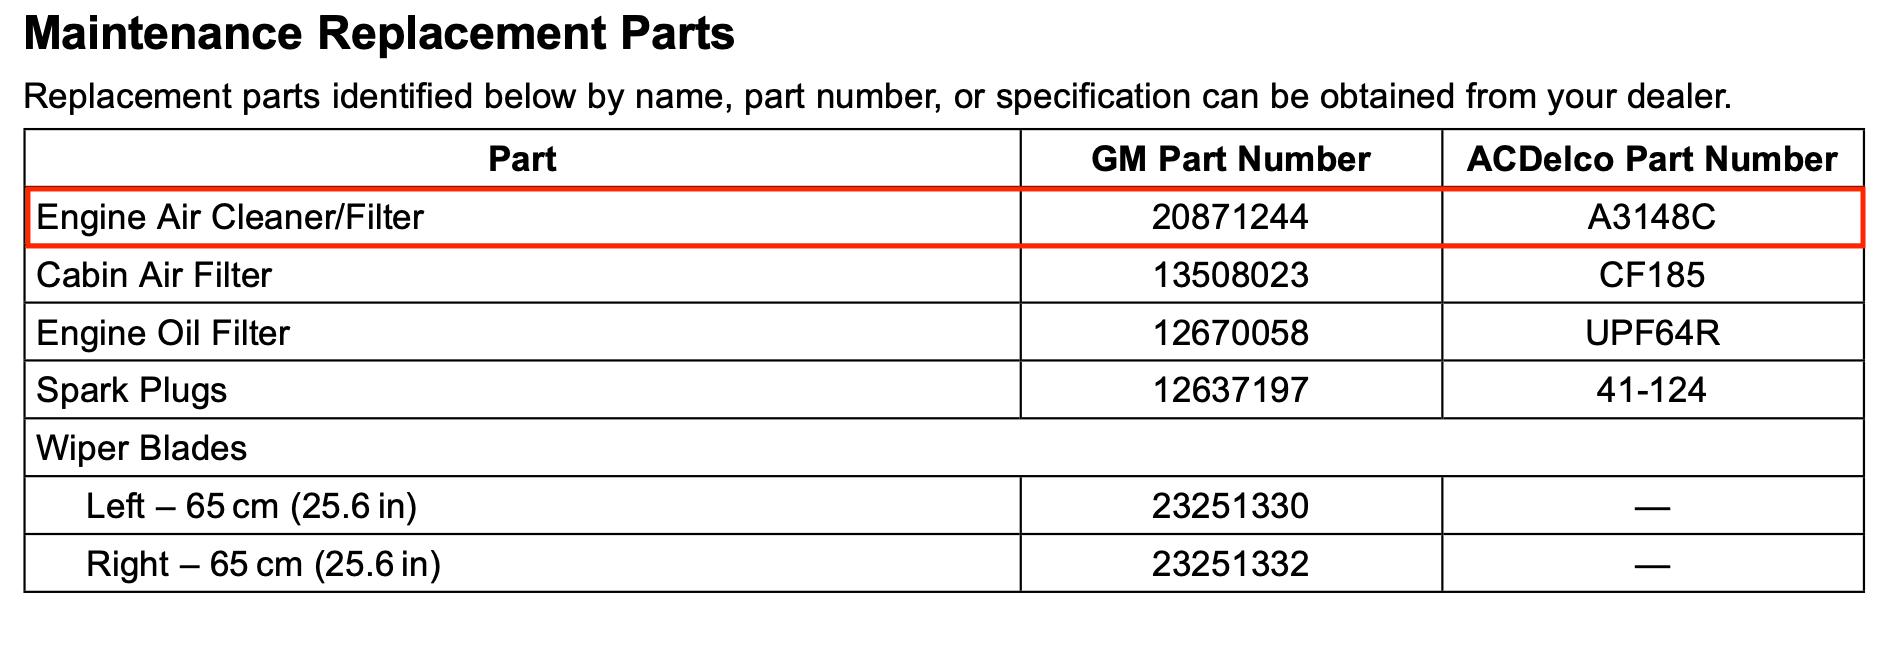 2016 Volt Spare Parts List